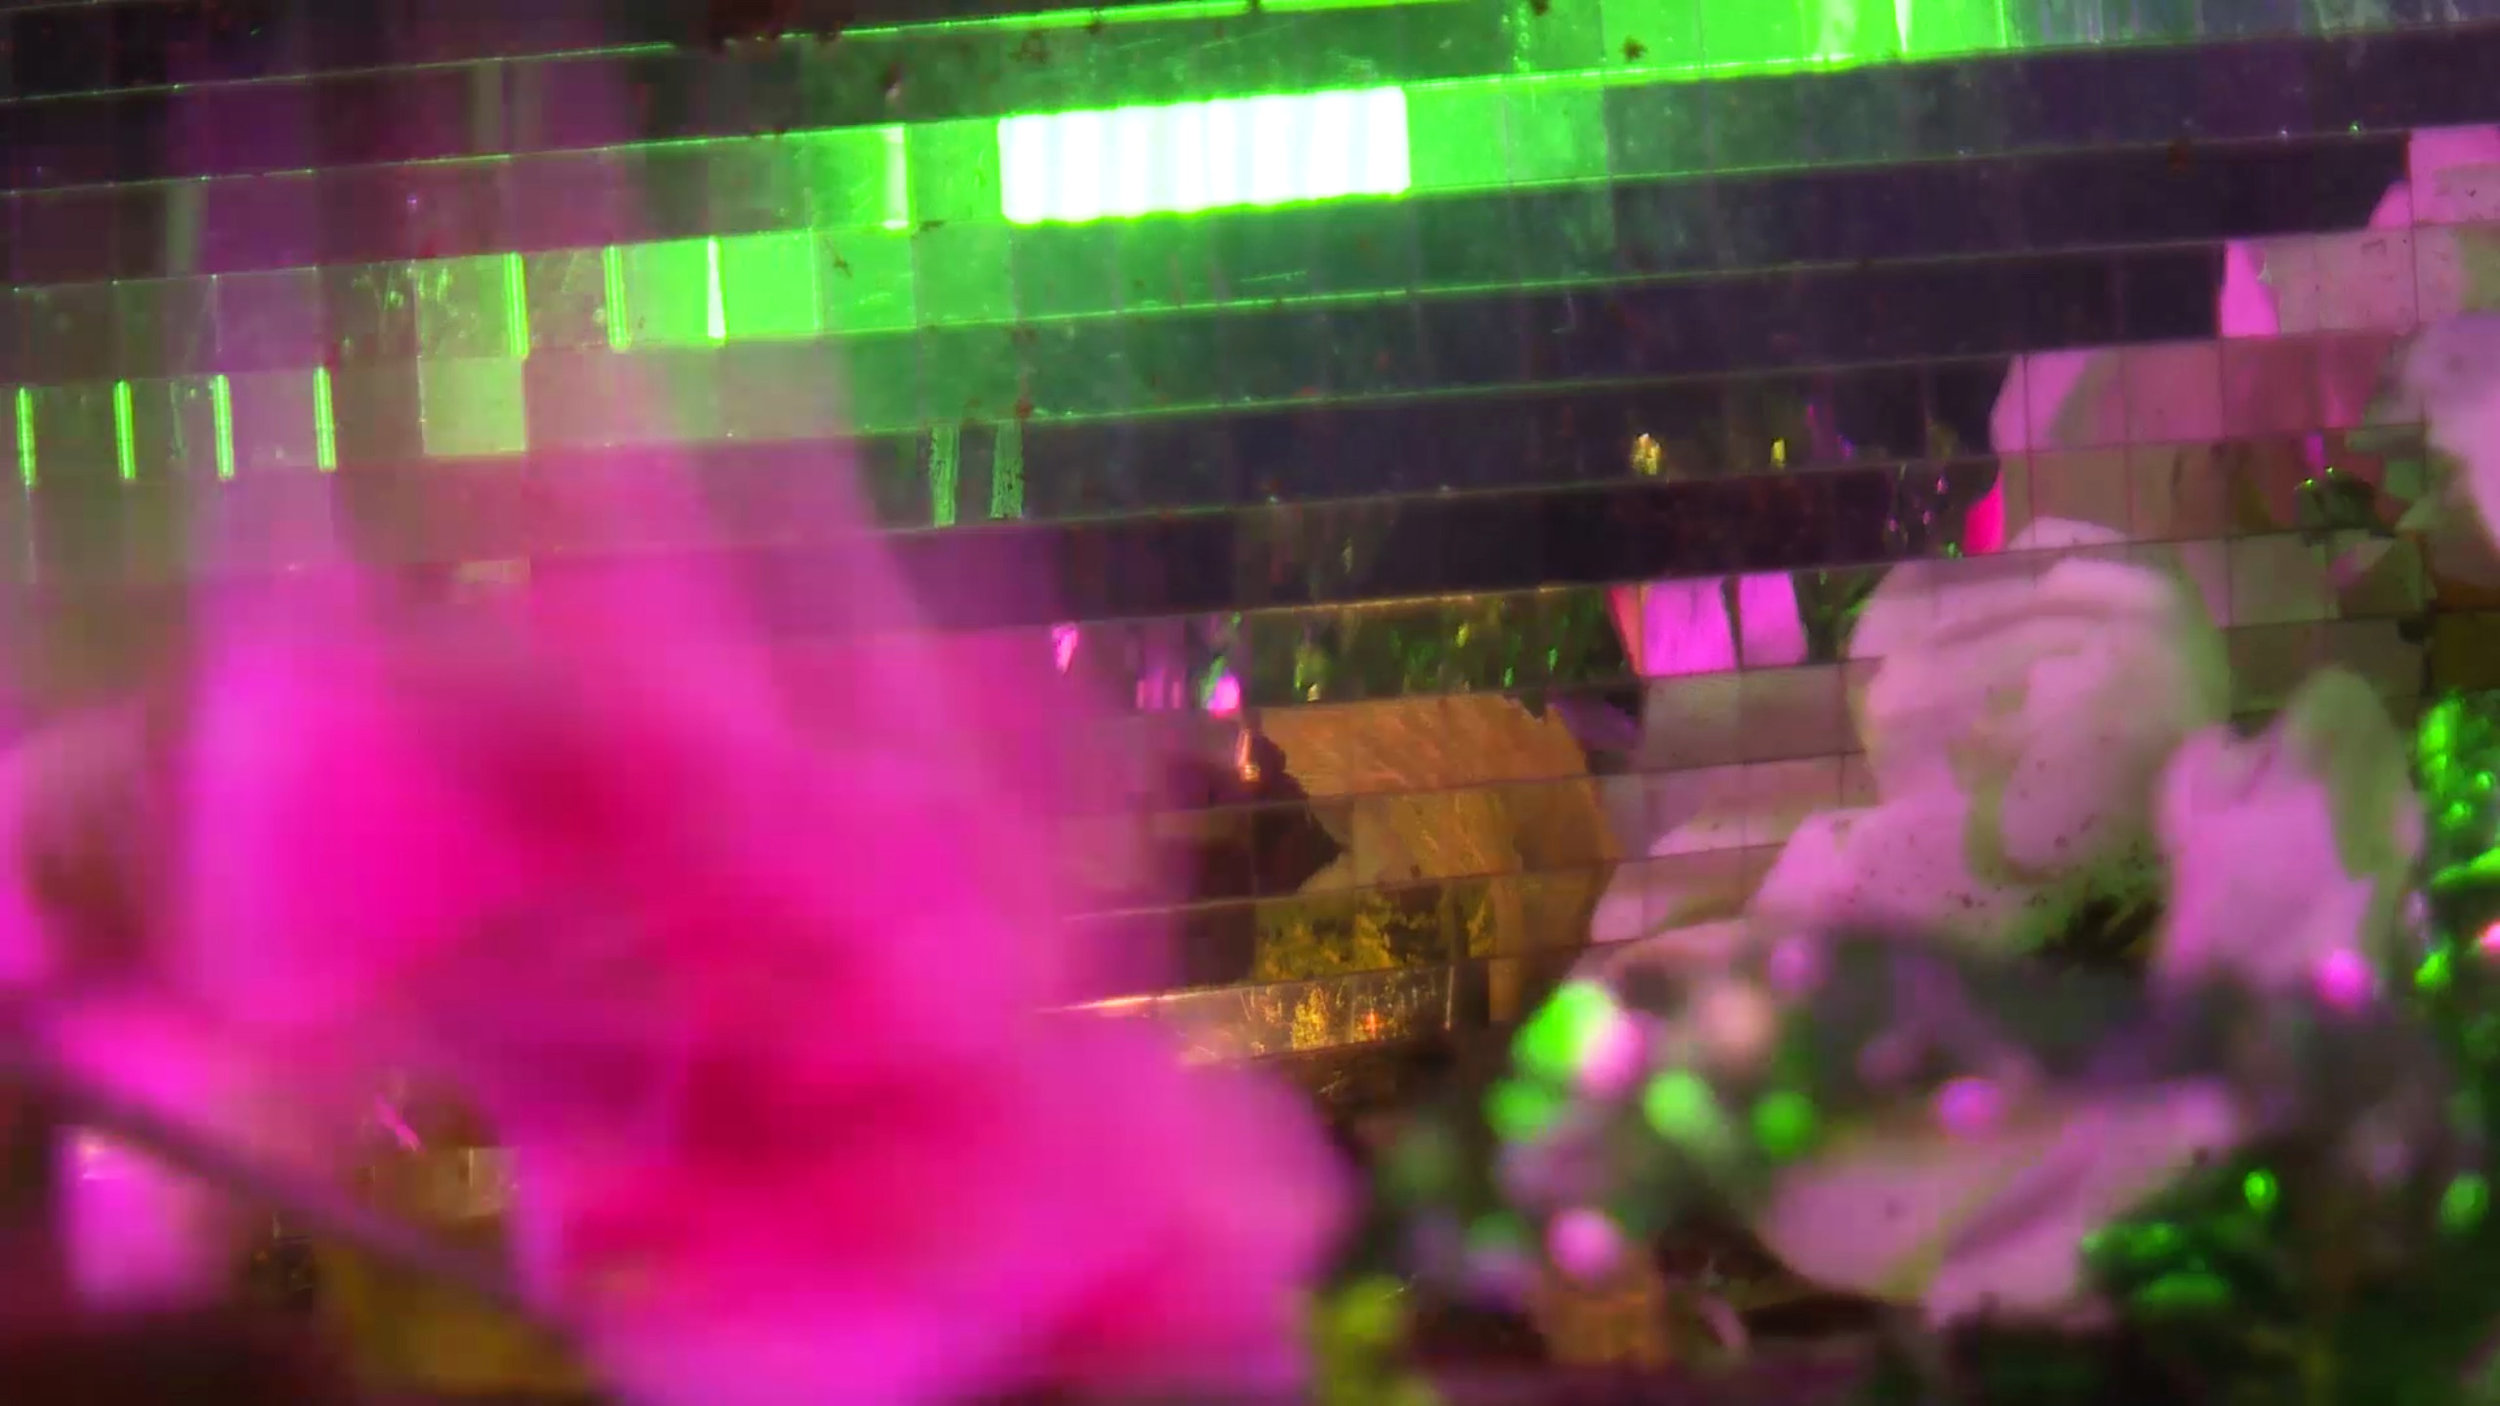 livefilm1still.jpg